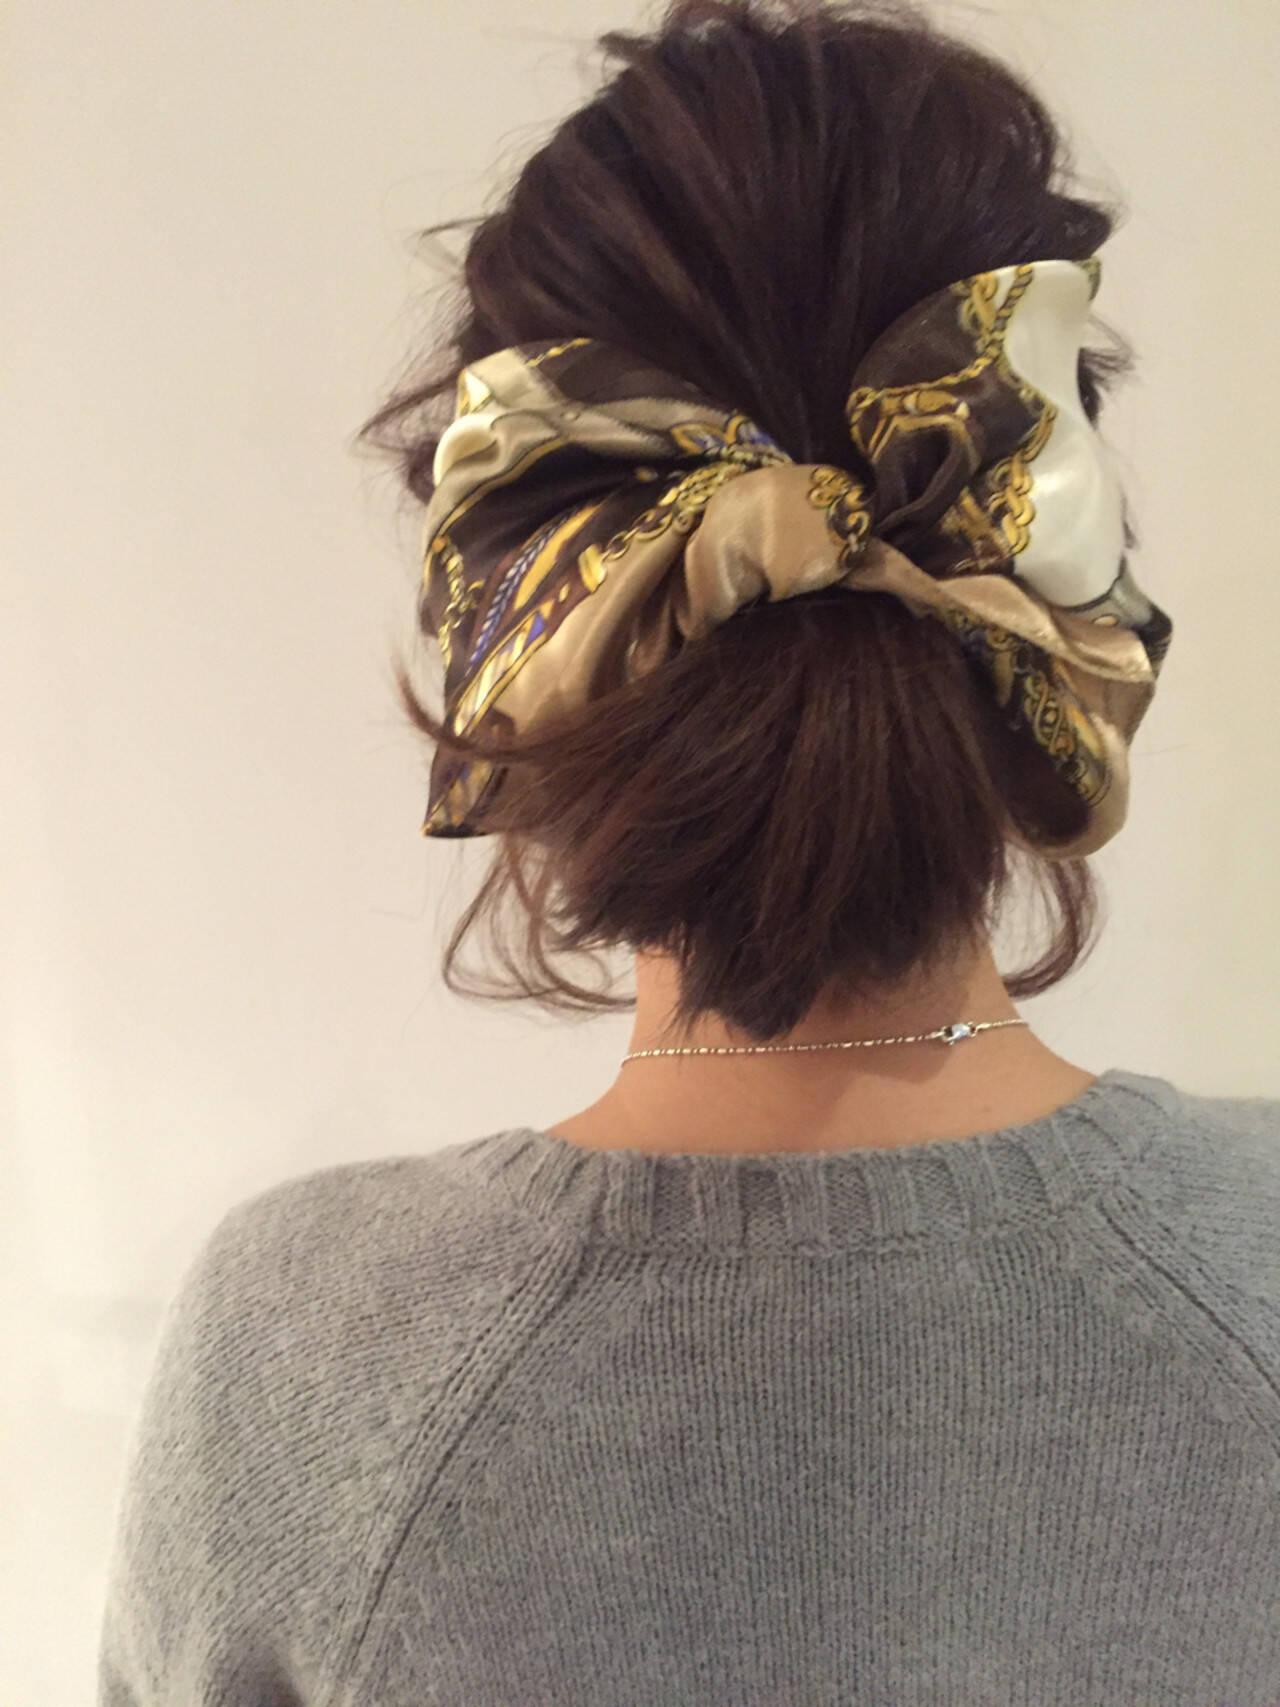 ヘアアレンジ 時短 ショート 簡単ヘアアレンジヘアスタイルや髪型の写真・画像